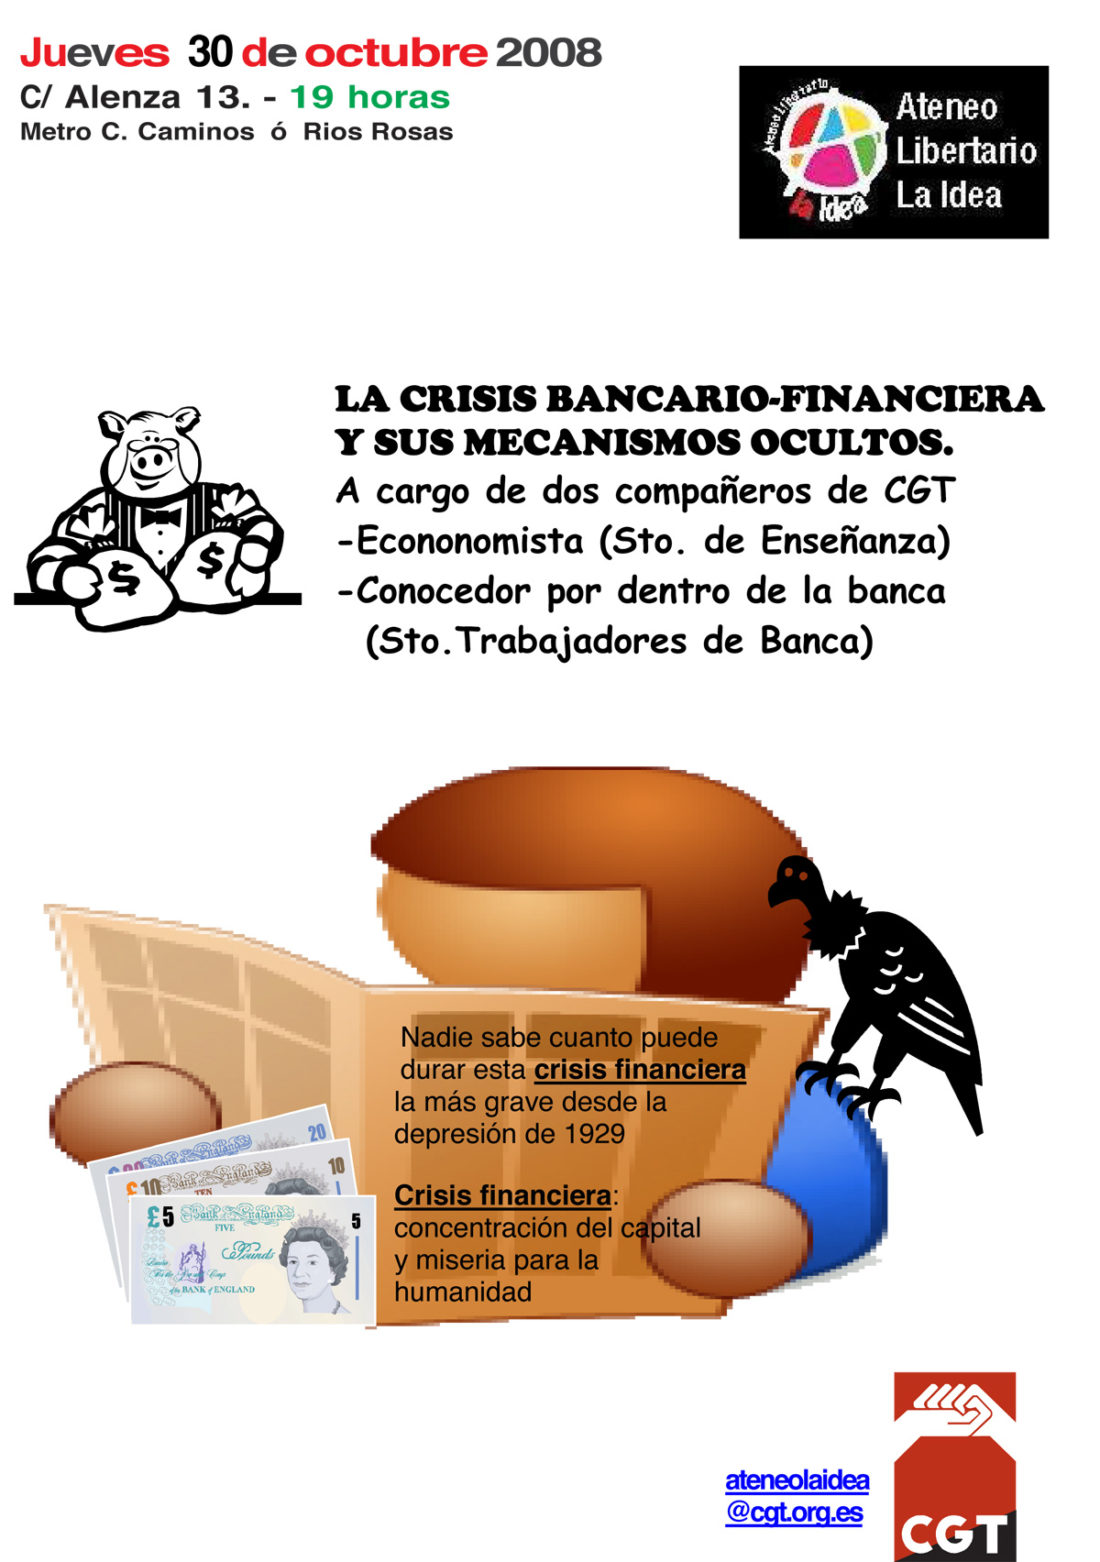 Madrid. Ateneo Libertario» La Idea». Jueves 30 octubre, «la crisis finaciera»